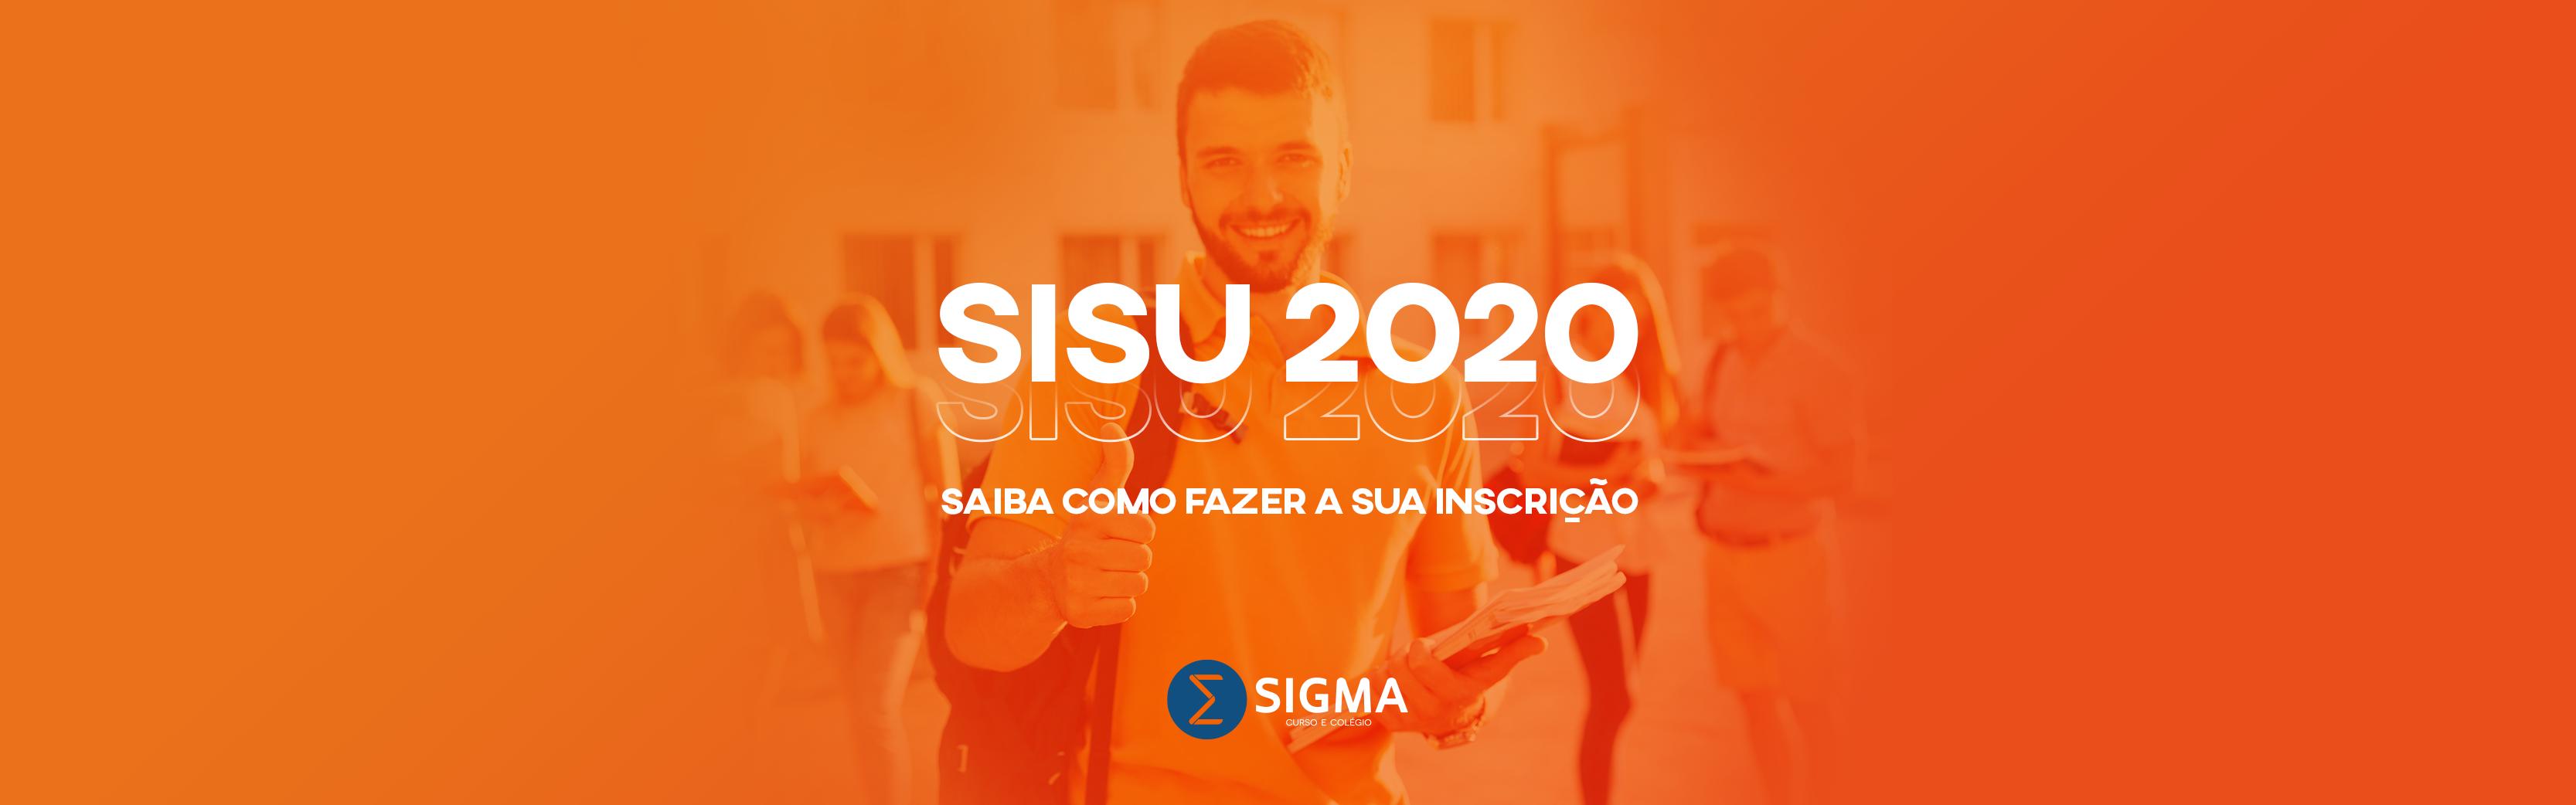 SISU 2020: saiba como fazer a sua inscrição